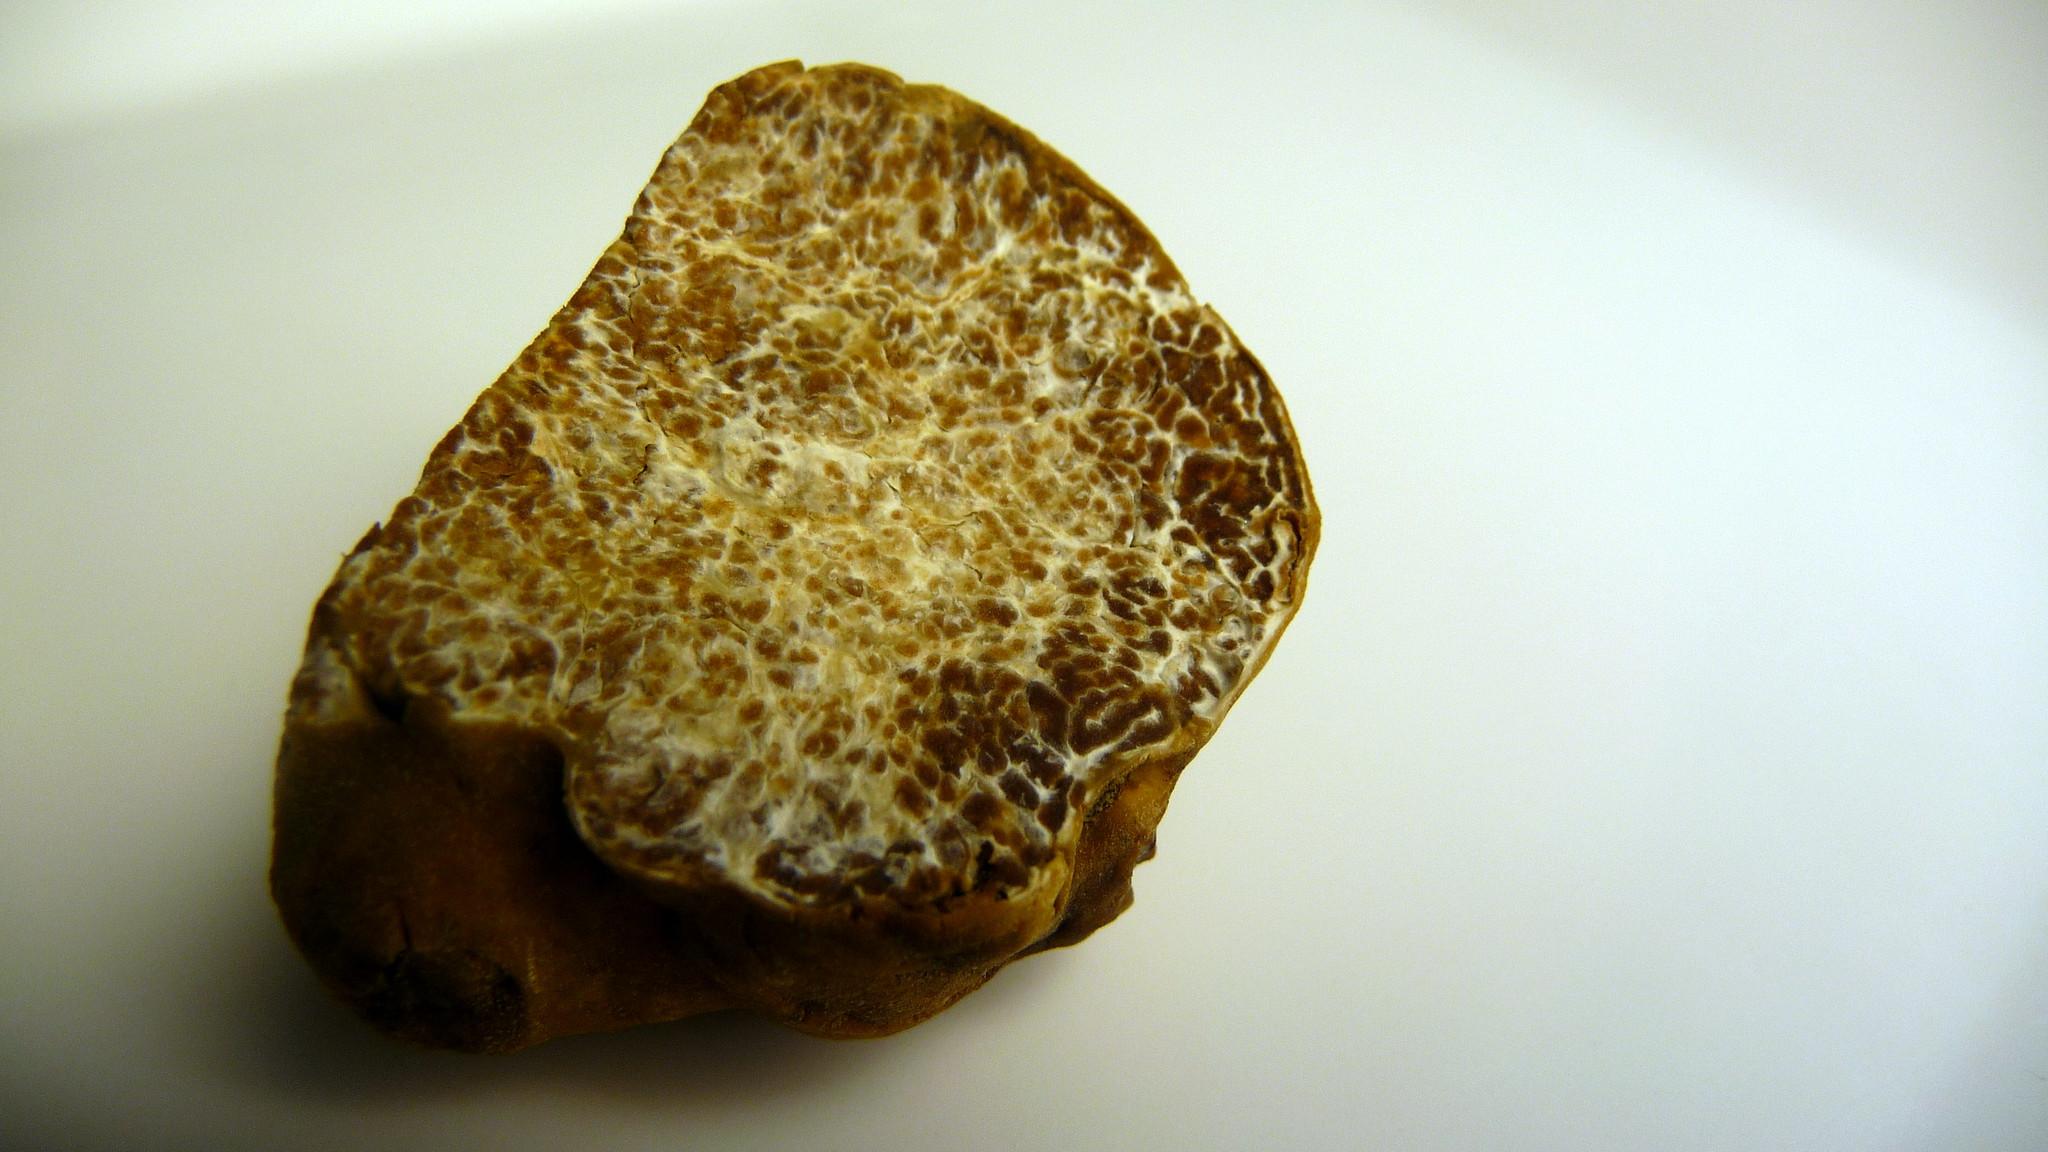 Ricette al tartufo bianchetto: tante sfiziose idee